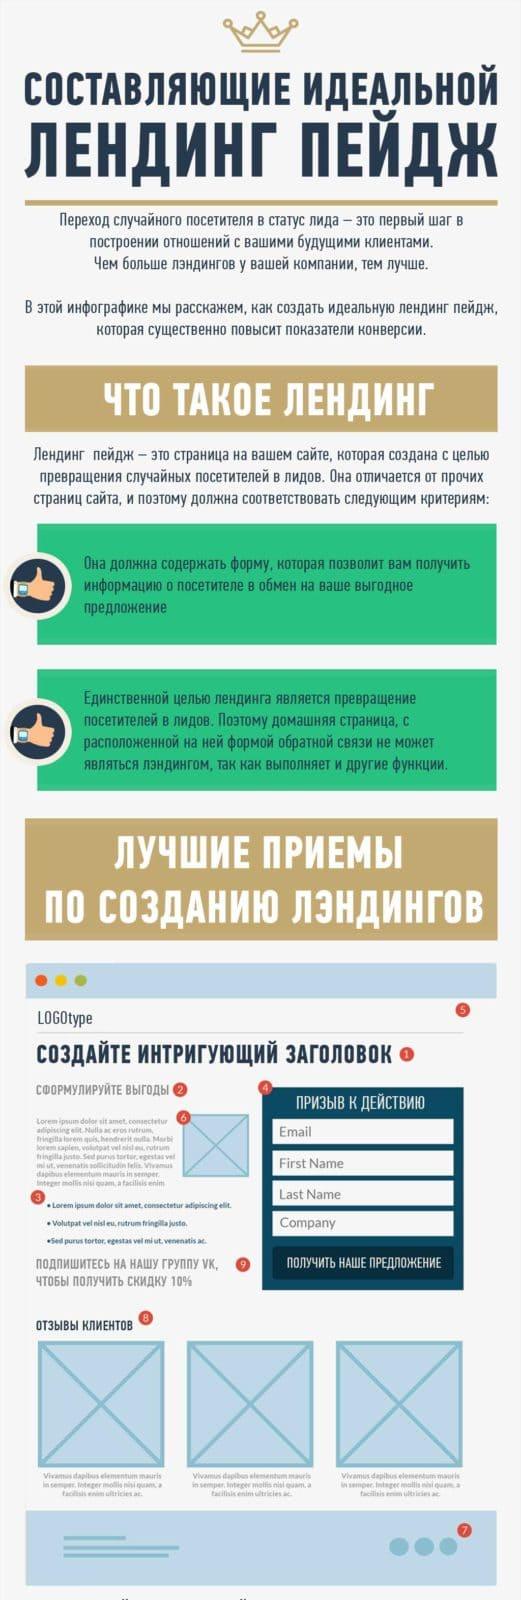 Заказать лендинг Составляющие идеальной лендинг пейдж. Инфографика